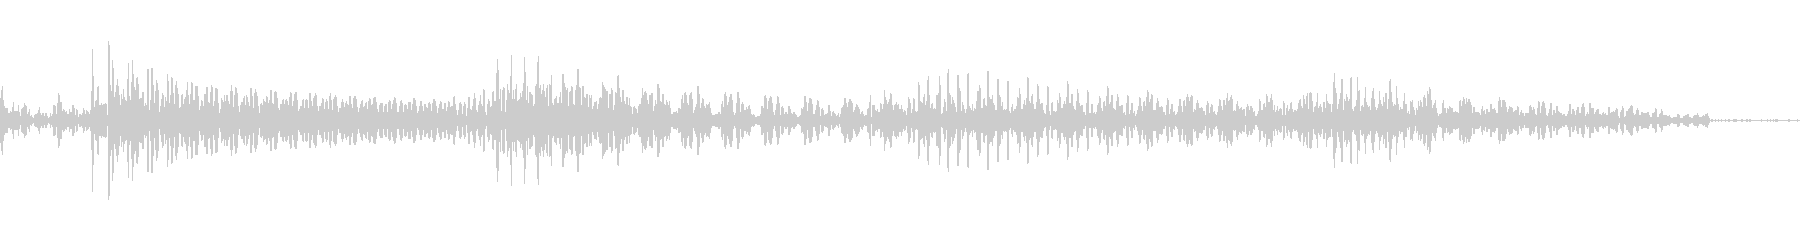 ギターメタルパワーコードzx wの未再生の波形